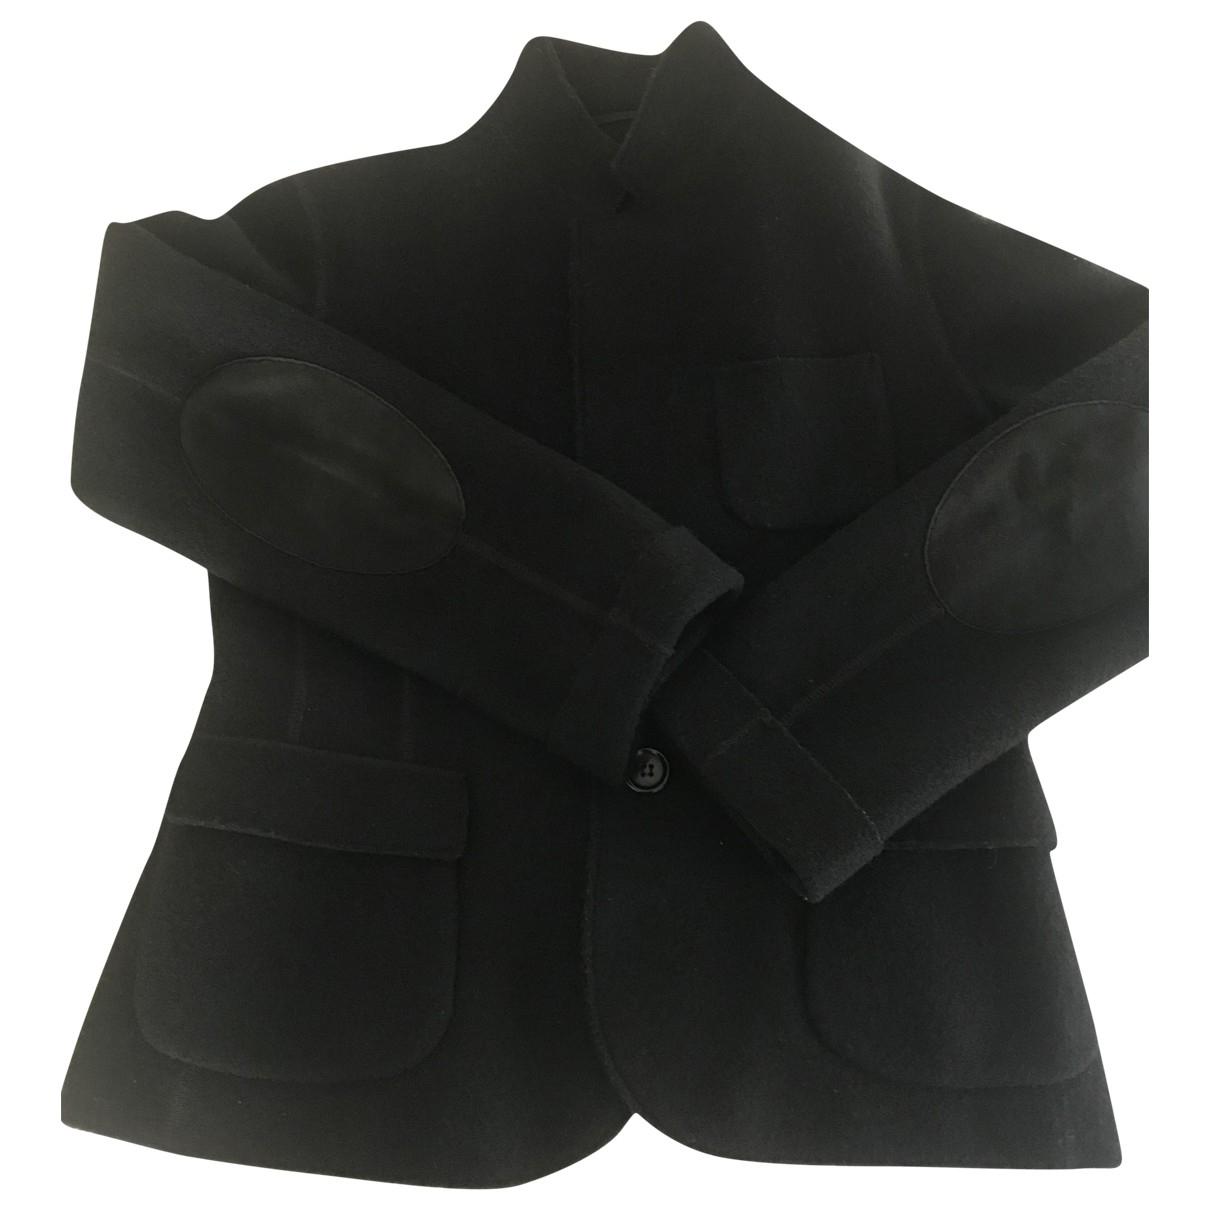 Aspesi \N Jacke in  Schwarz Wolle